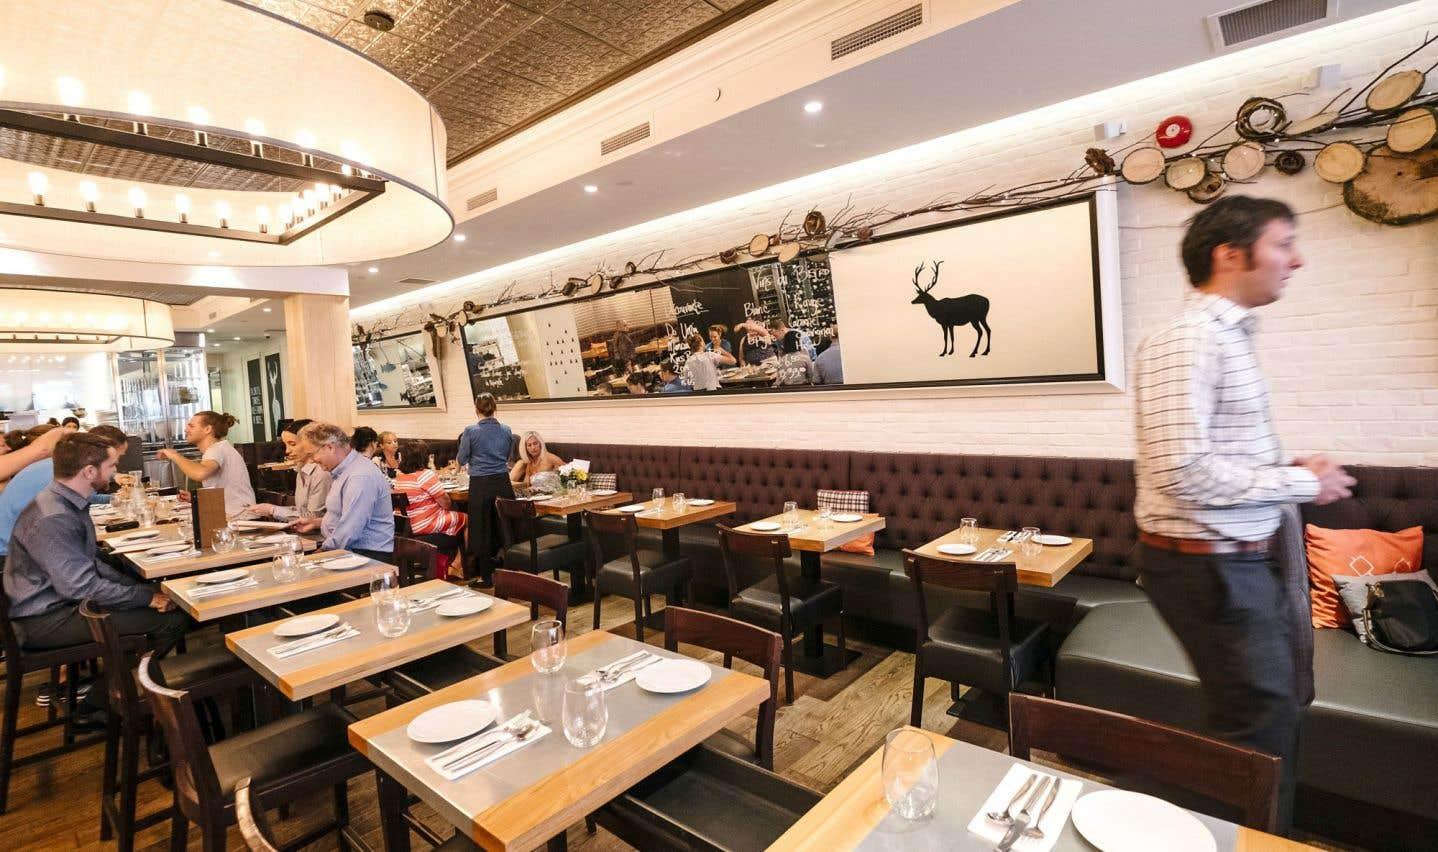 Le design soigné du resto est un cadre chaleureux où s'attable une clientèle internationale.